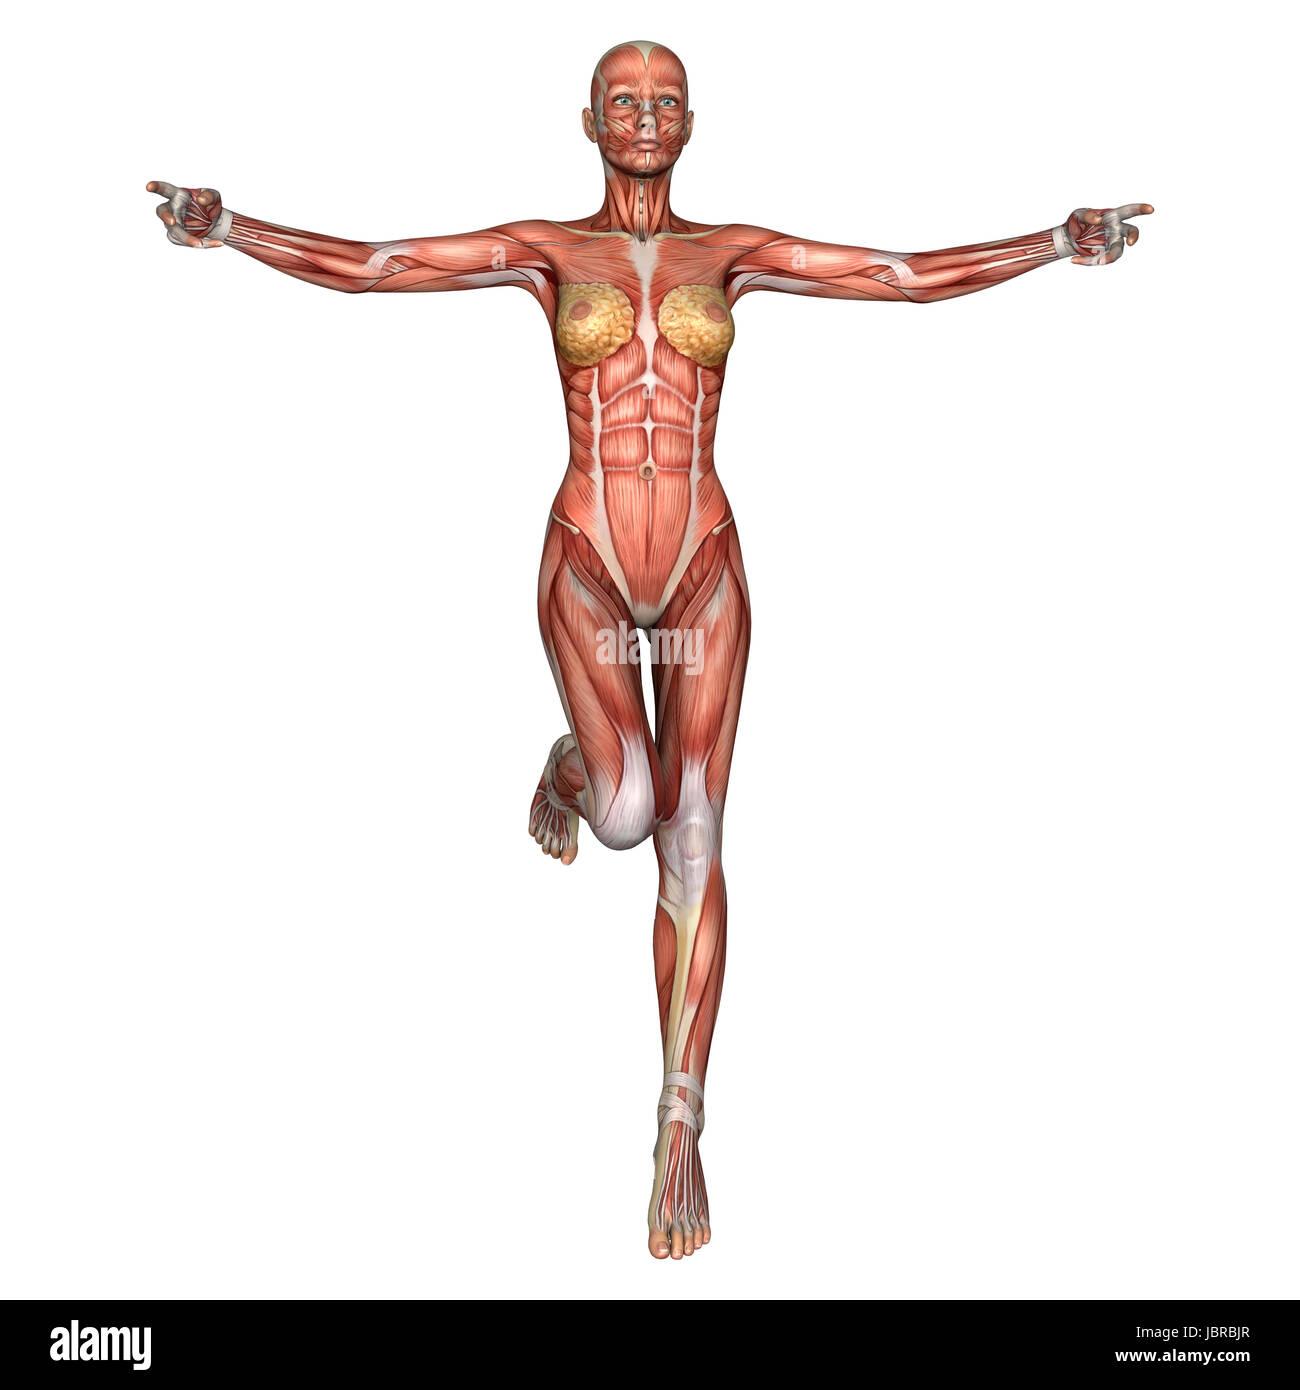 Niedlich Weibliche Anatomie Für Den Künstler Bilder - Anatomie Ideen ...